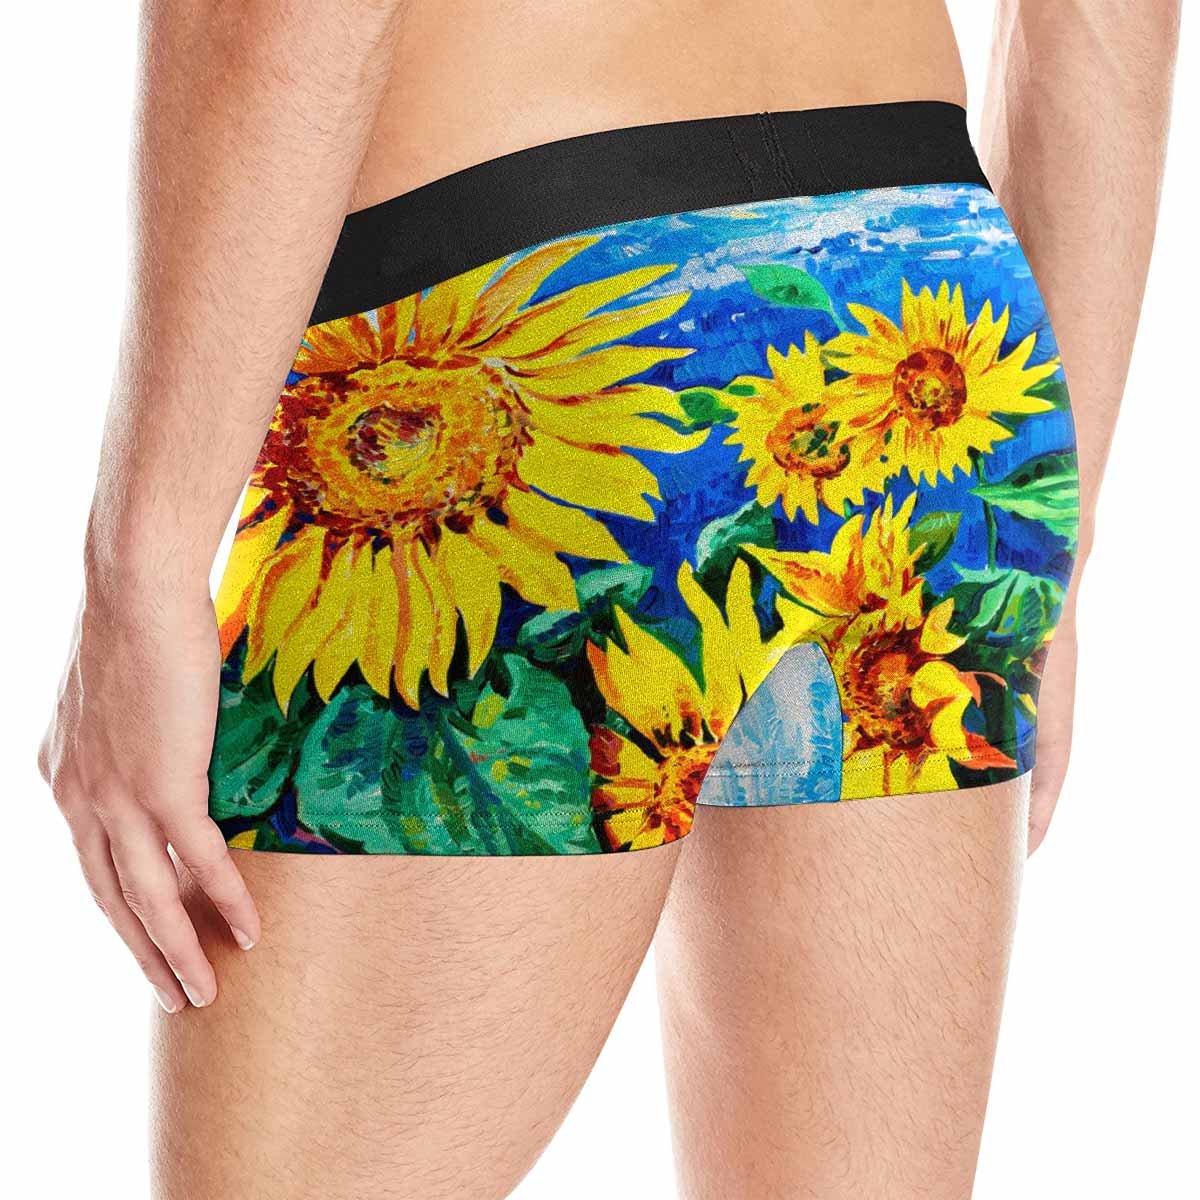 INTERESTPRINT Boxer Briefs Mens Underwear Yellow Sunflowers XS-3XL